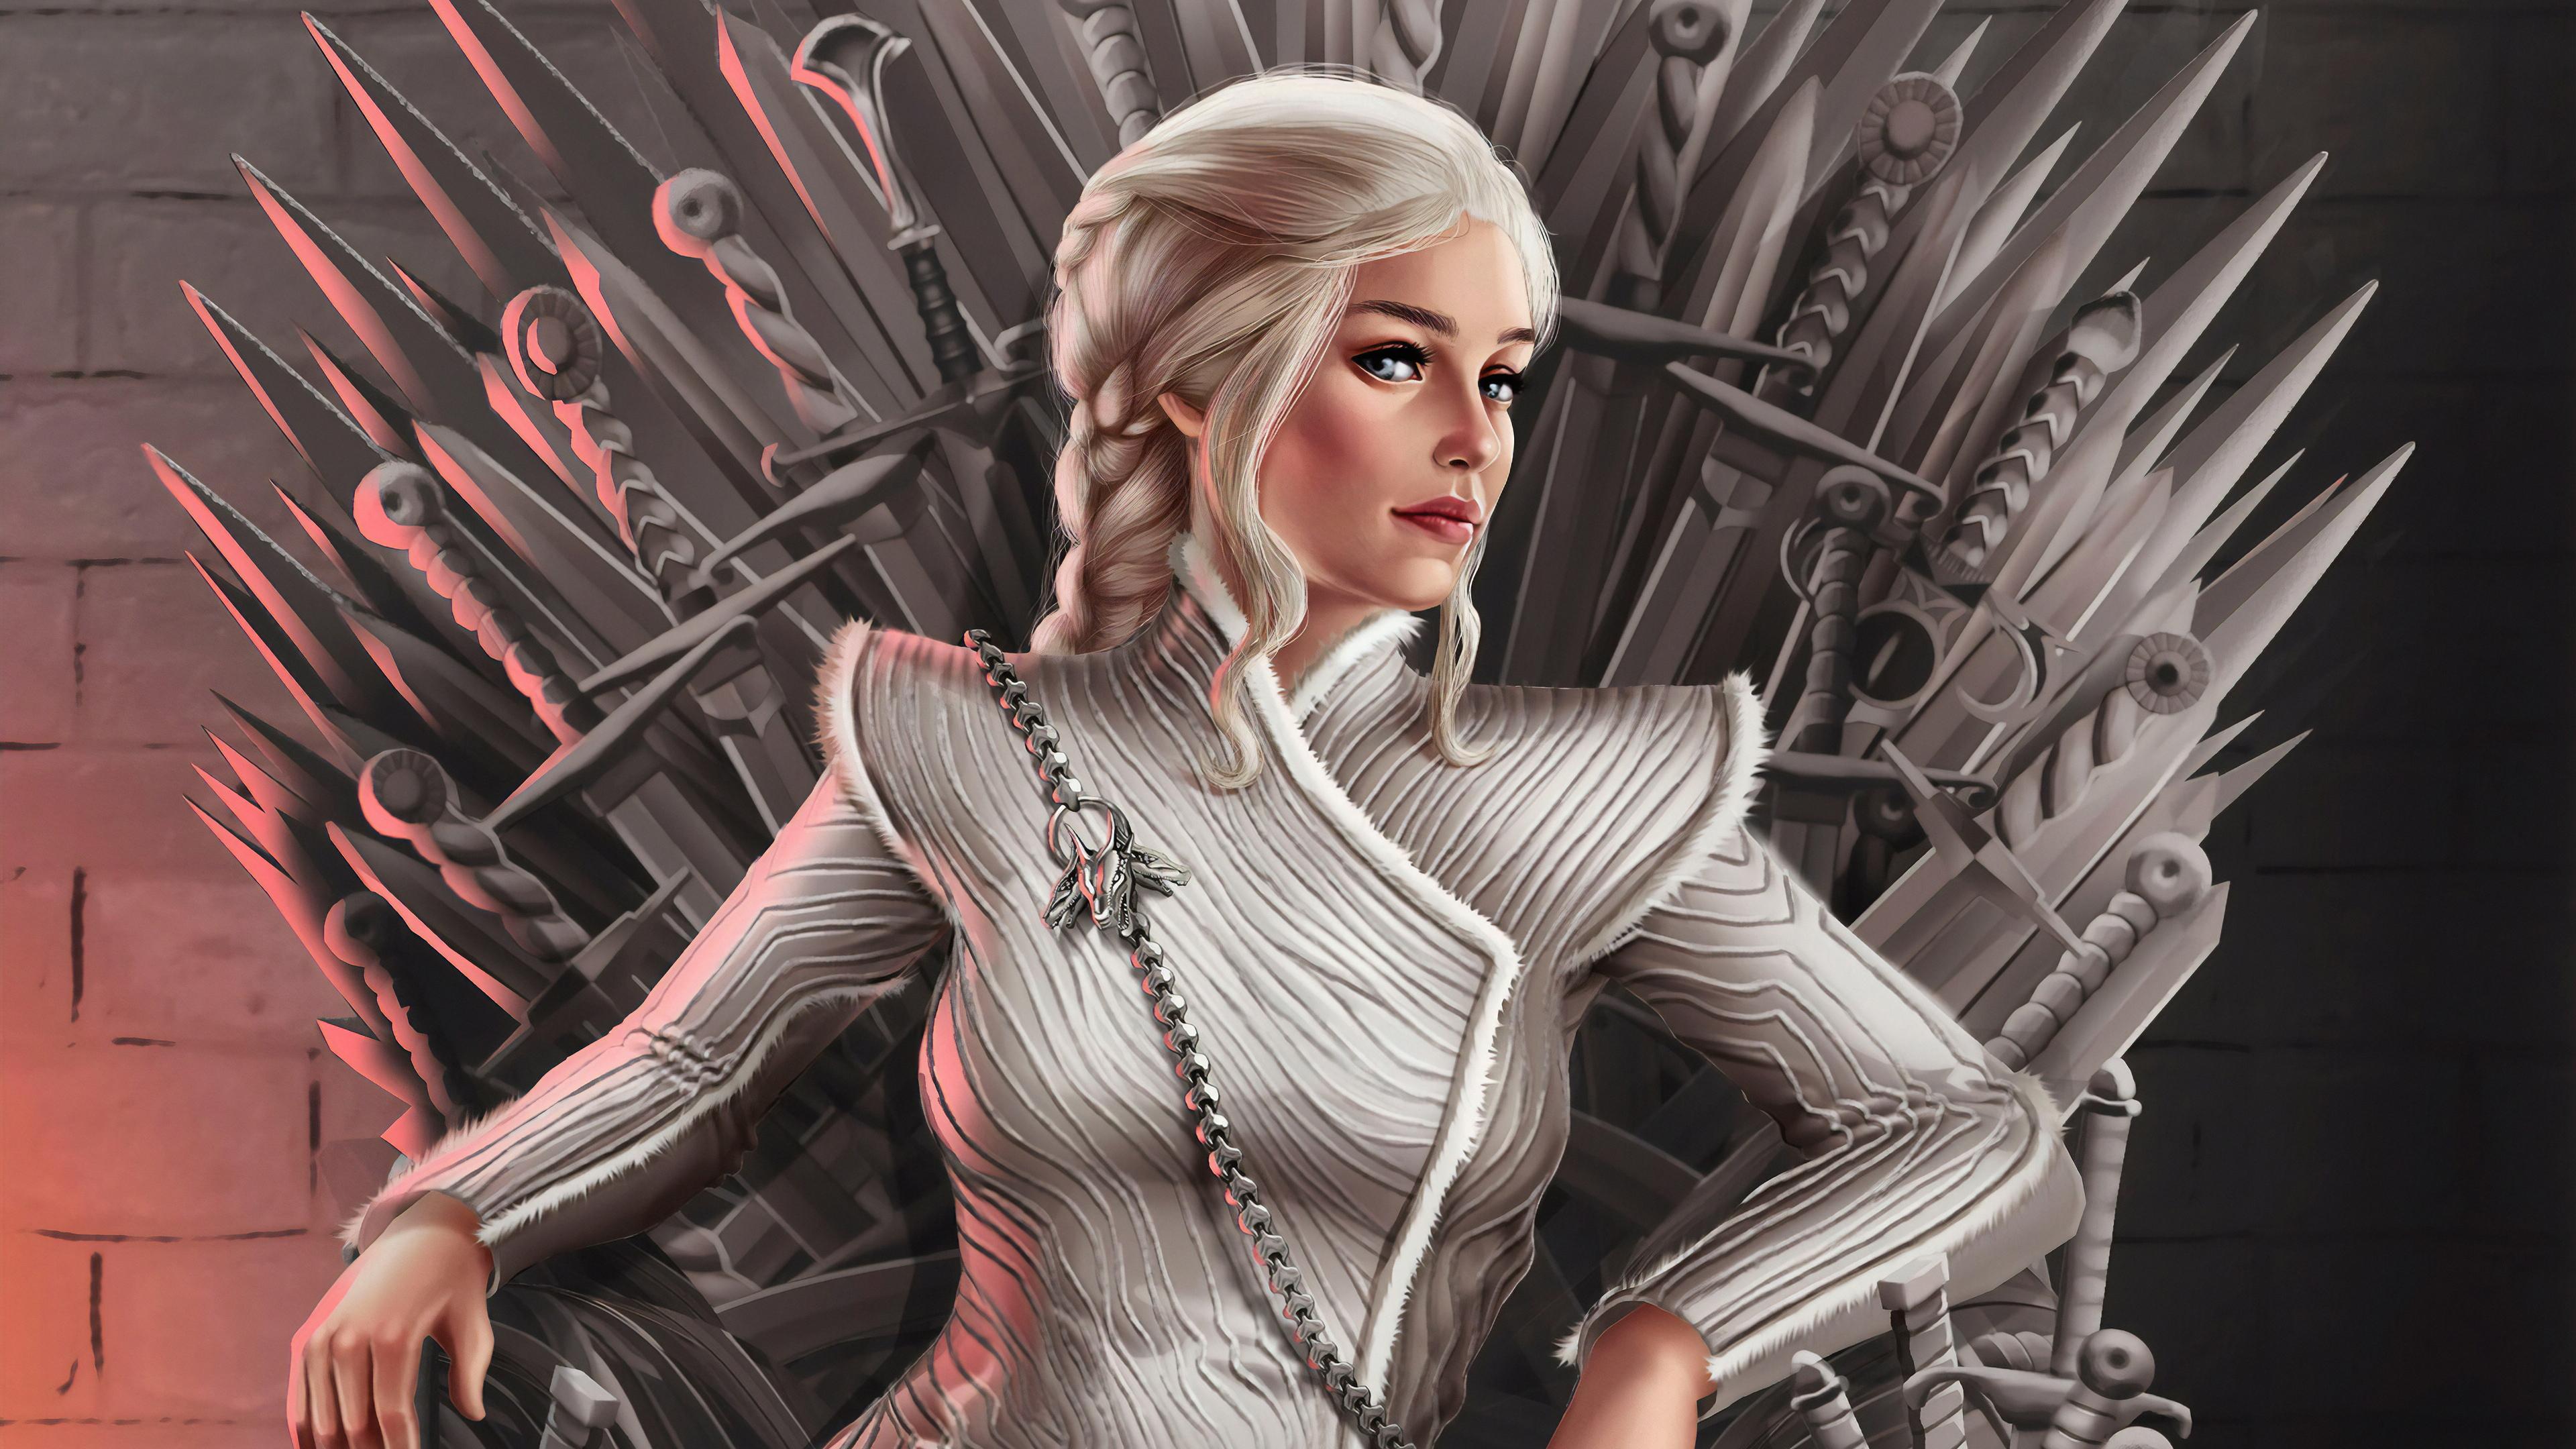 daenerys targaryen fan art 1578252534 - Daenerys Targaryen Fan Art -